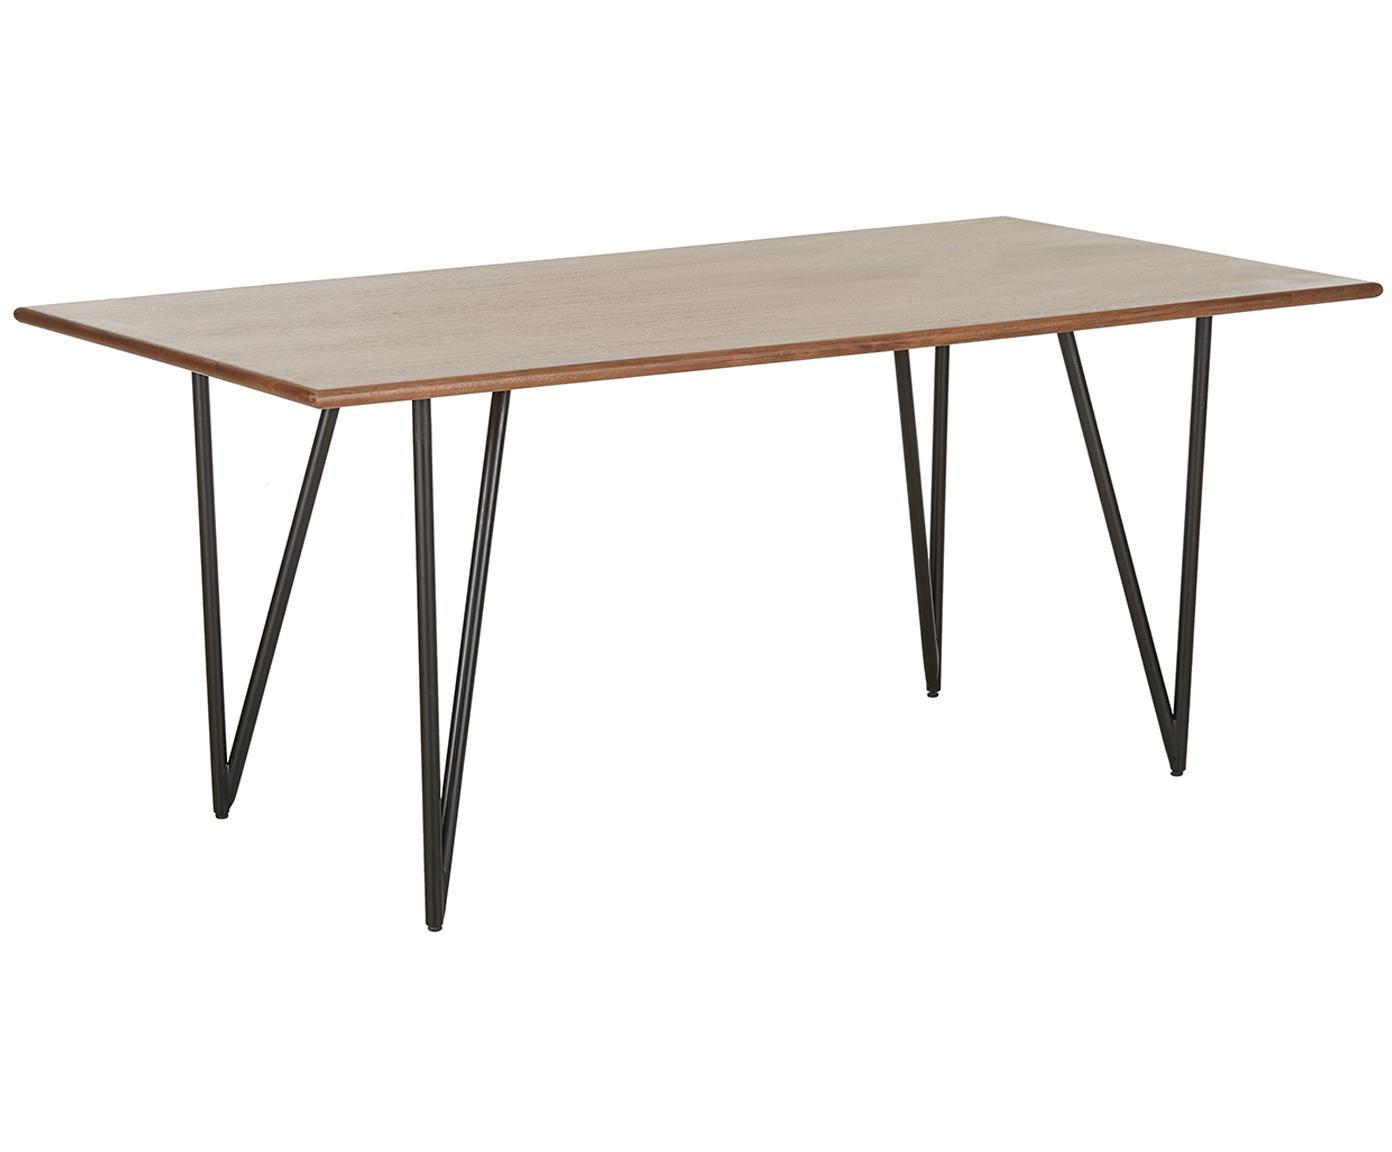 Stół do jadalni Juno, Blat: płyta pilśniowa średniej , Stelaż: metal malowany proszkowo, Fornir z drewna orzechowego, S 180 x G 90 cm